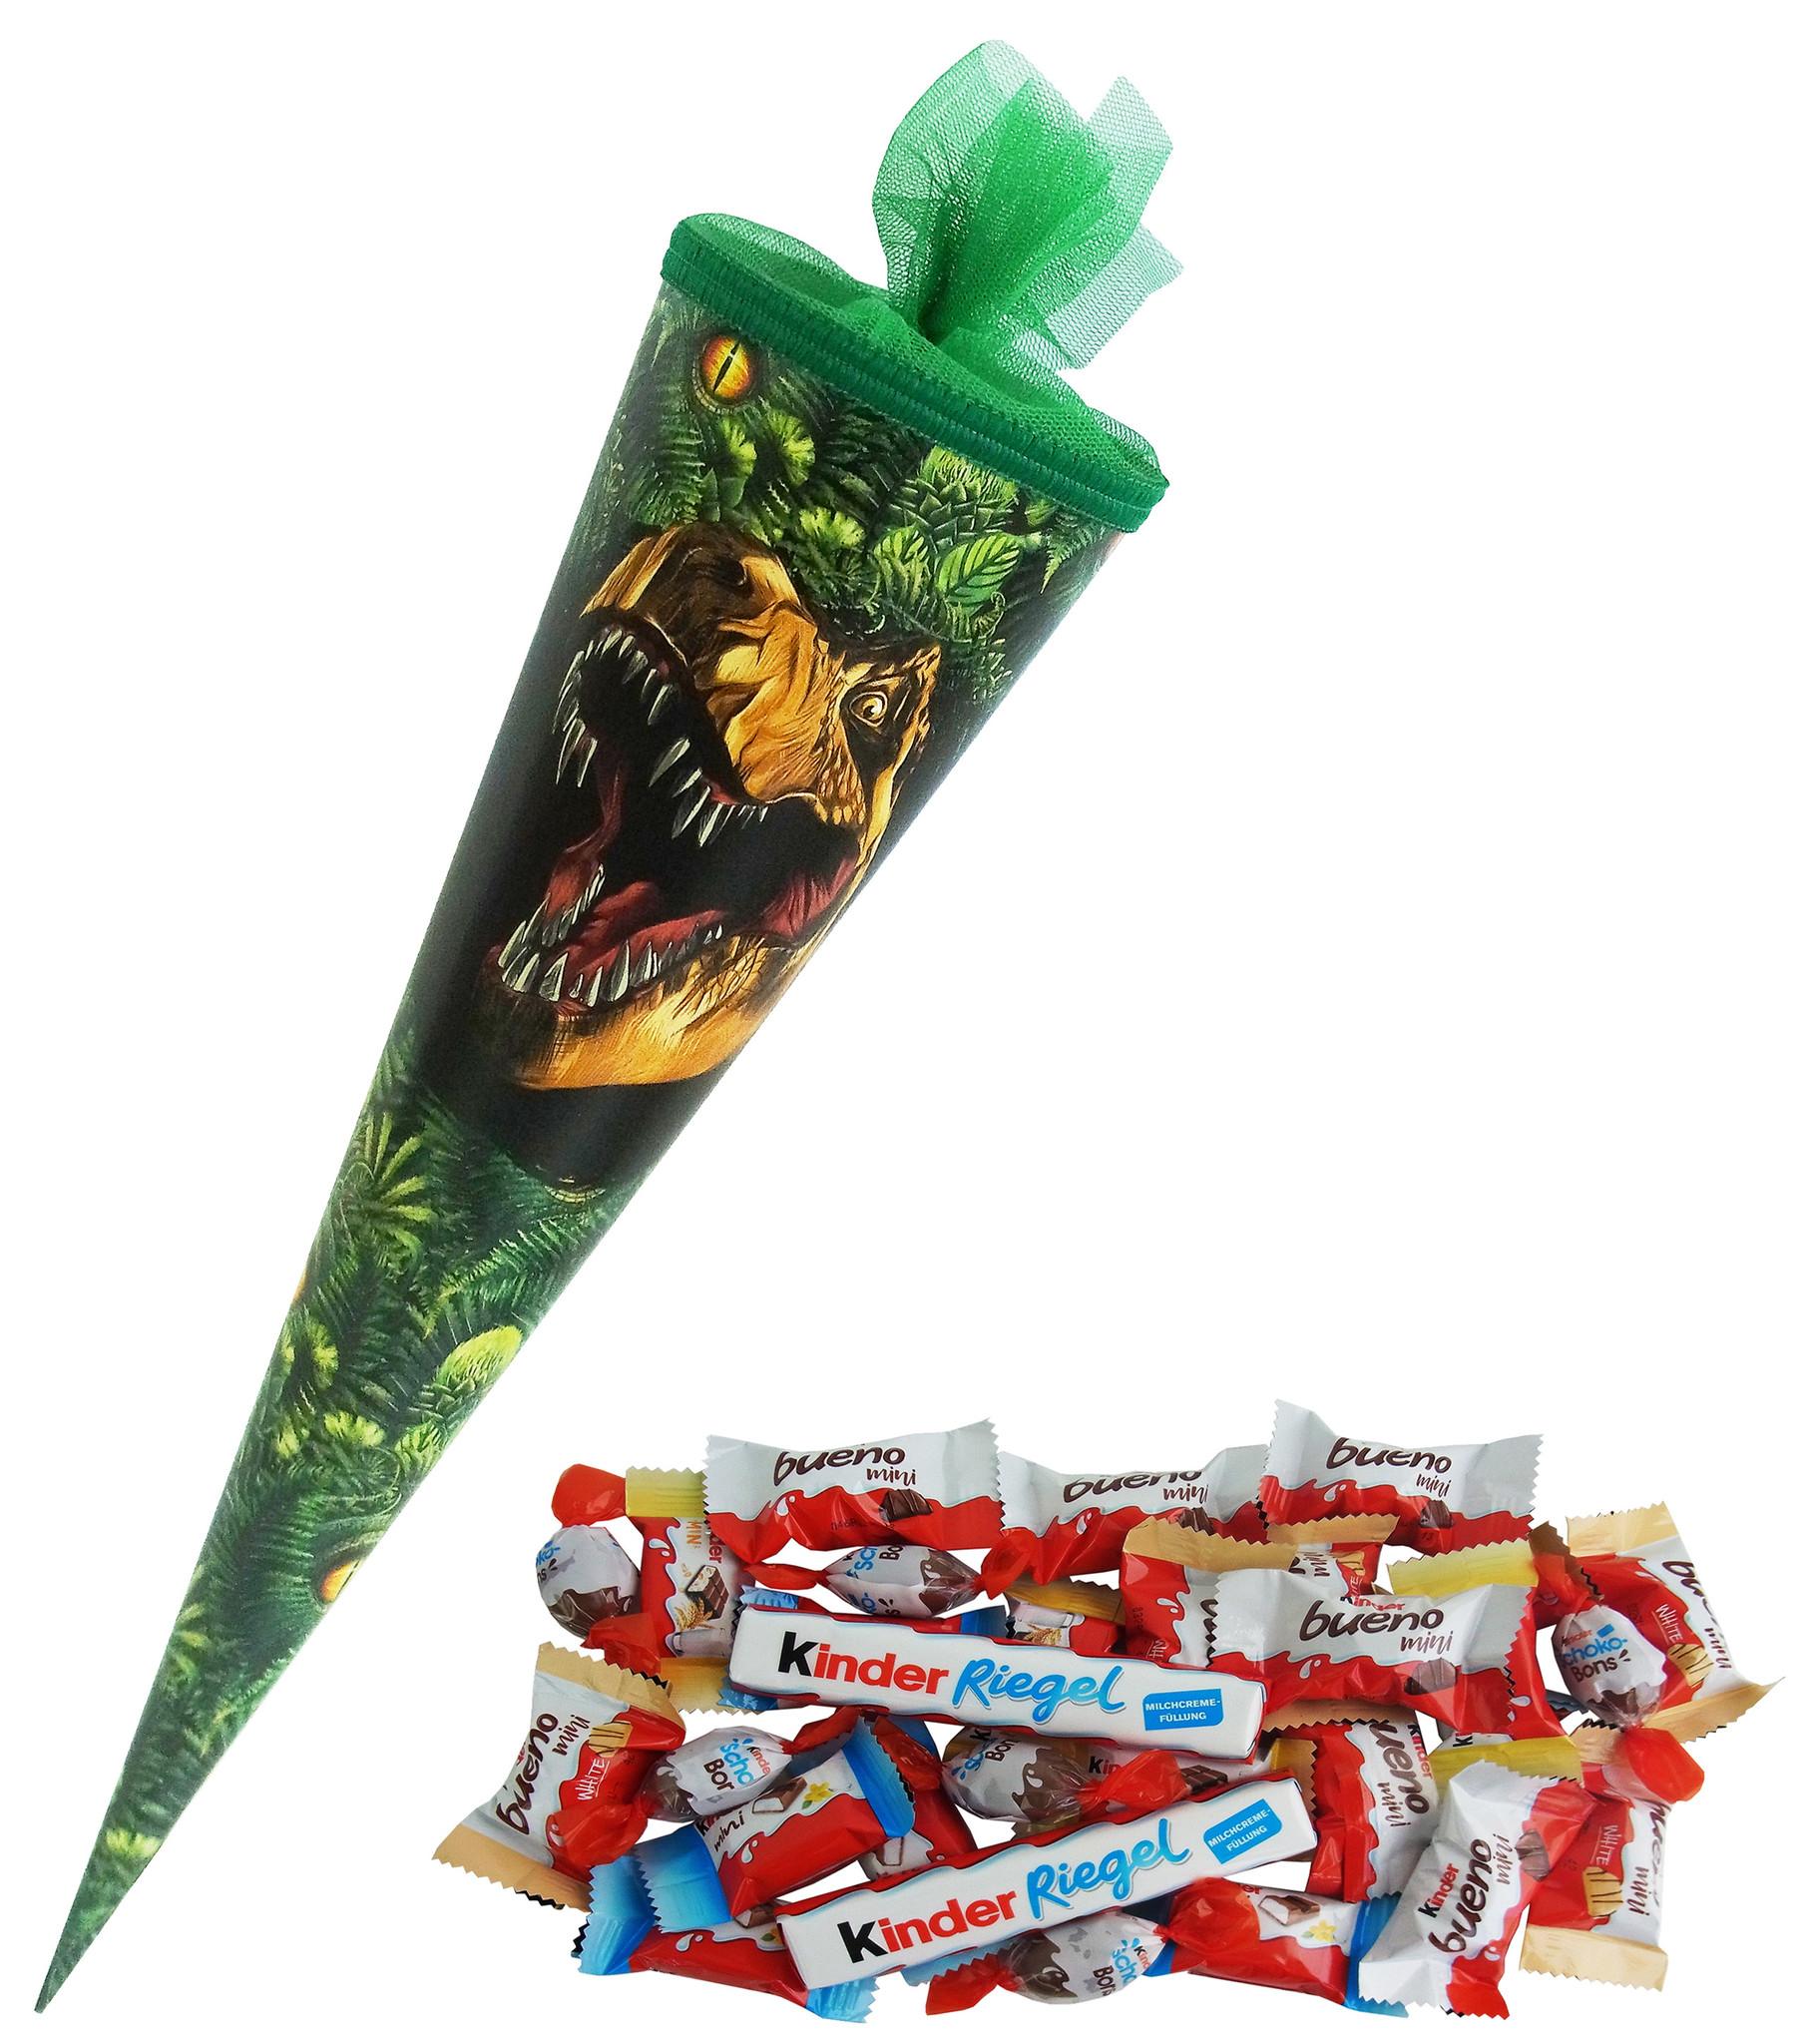 Schultüte Dinosaurier Design 35cm gefüllt mit Ferrero Kinder Spezialitäten, Schulanfang Geschenk mit 204g